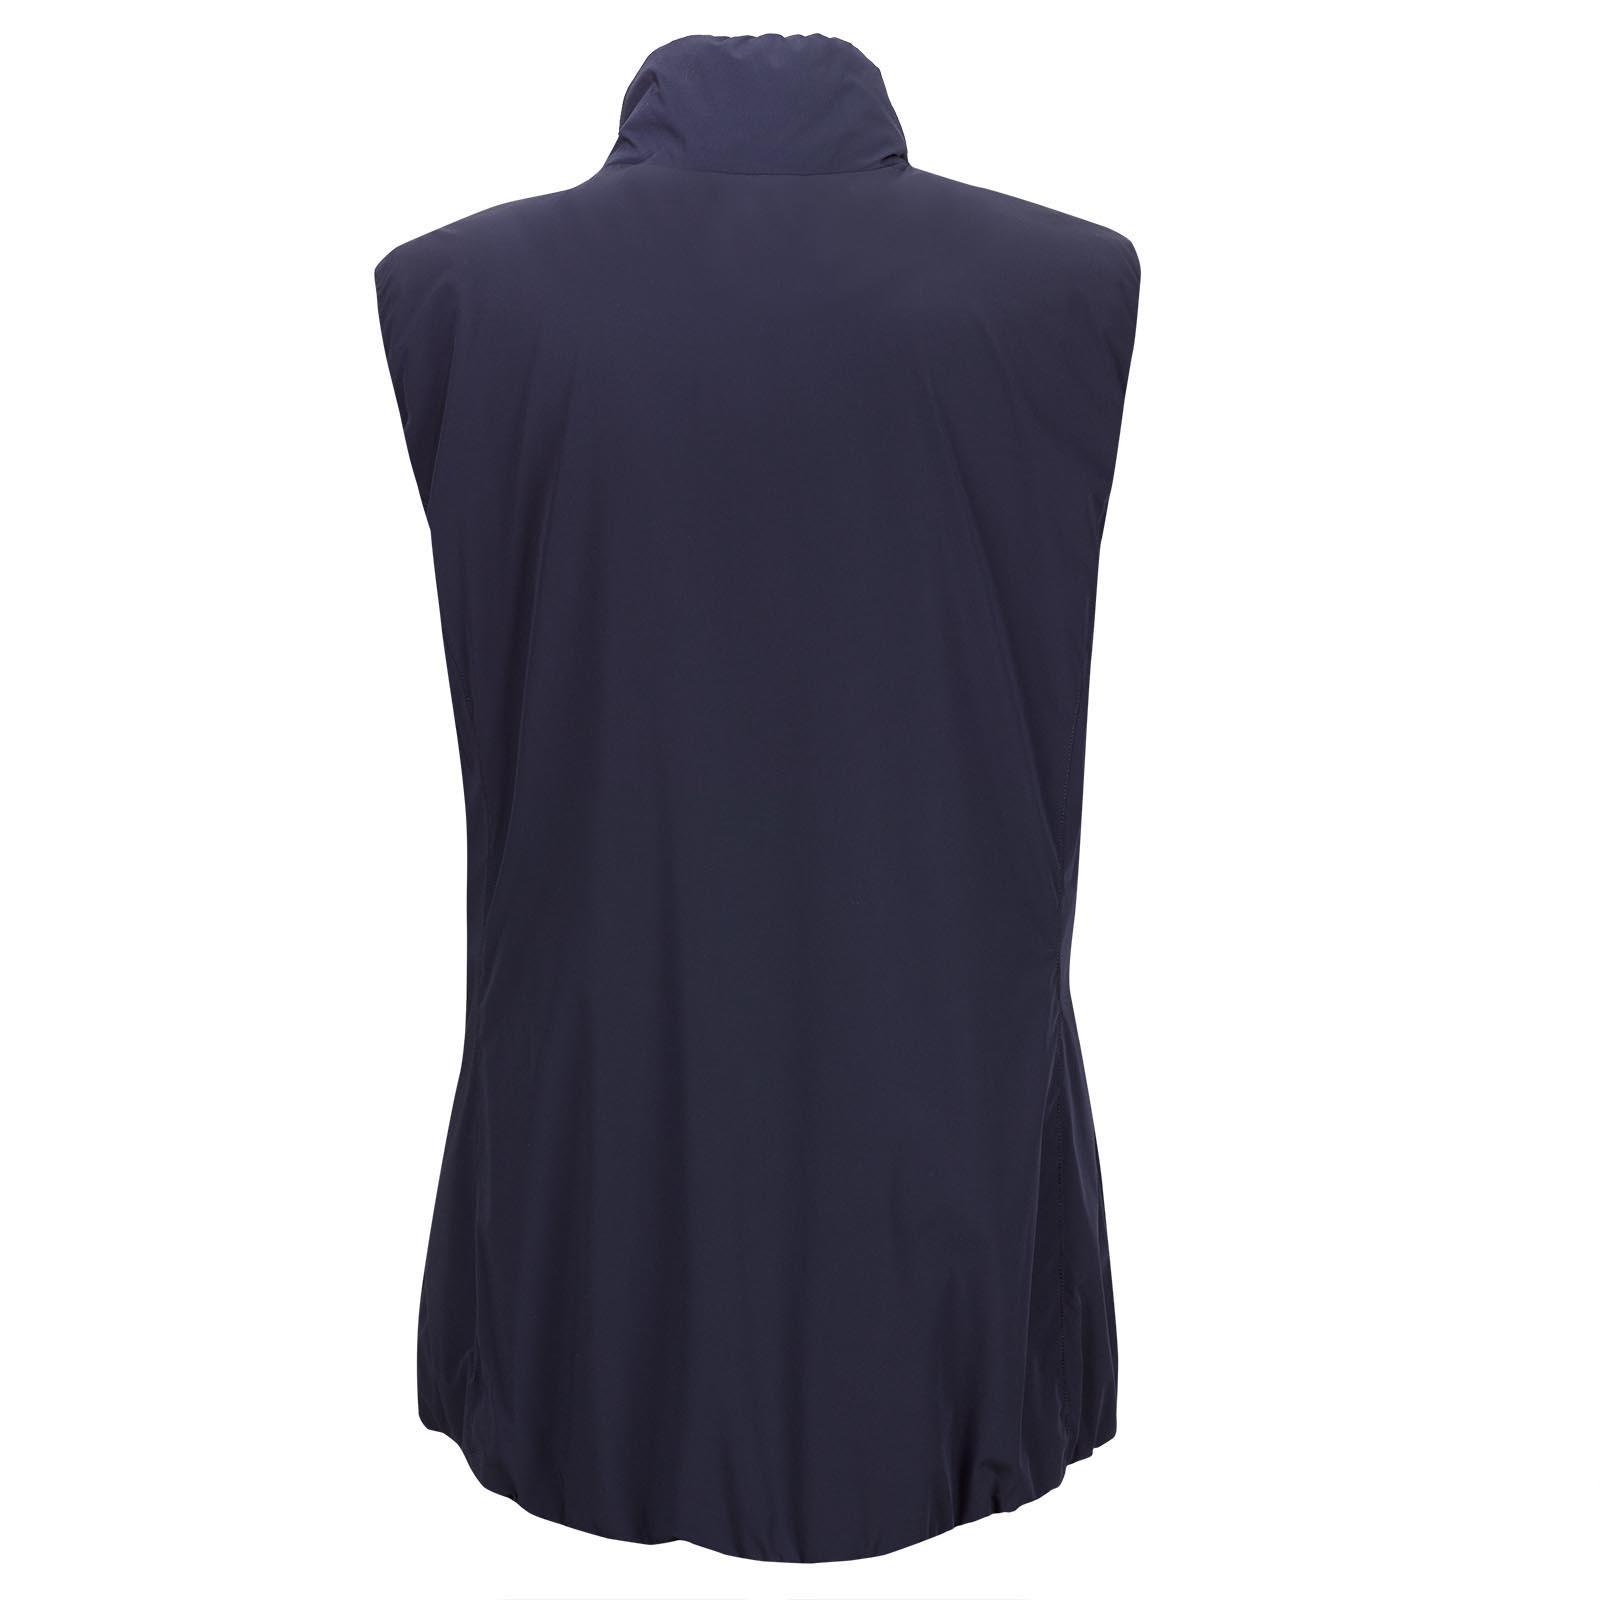 Damen Golfweste aus elastischem Stretch-Material mit Mesh-Futter